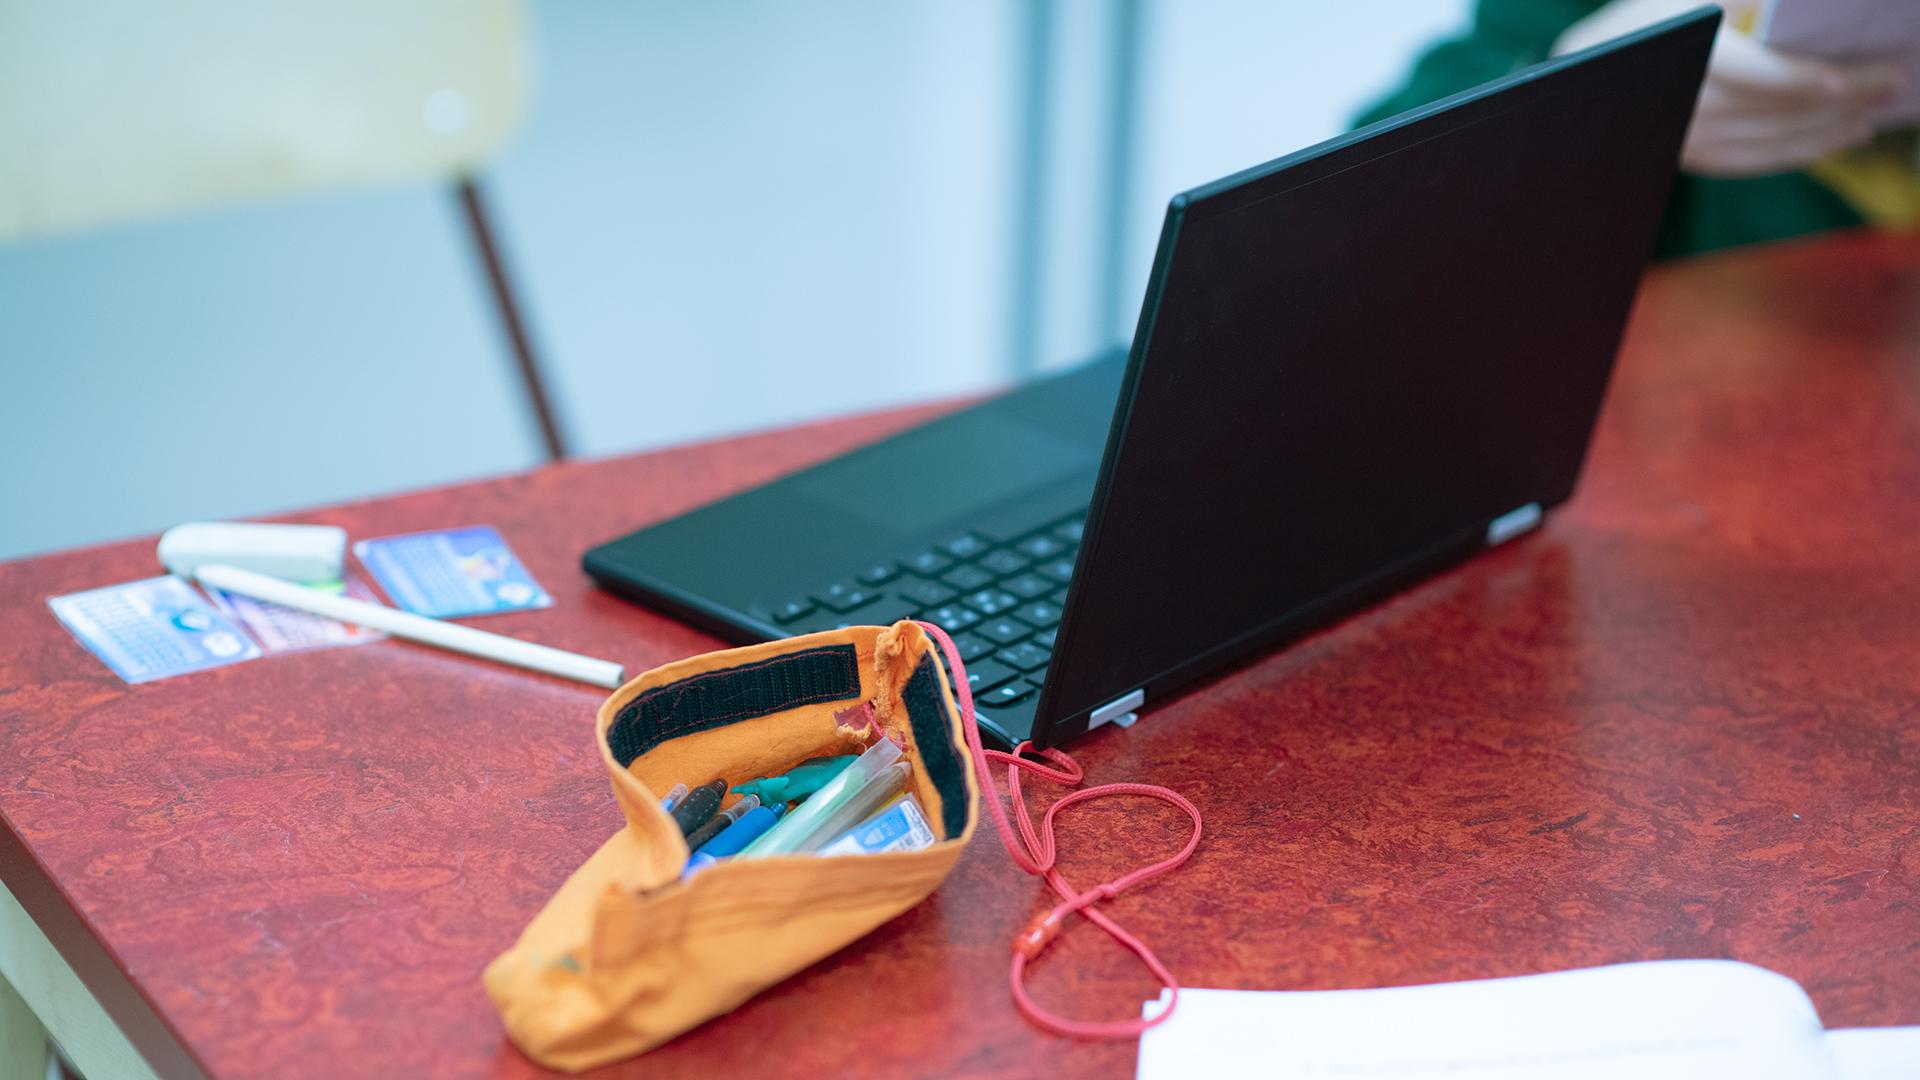 Dator och pennskrin på bord.